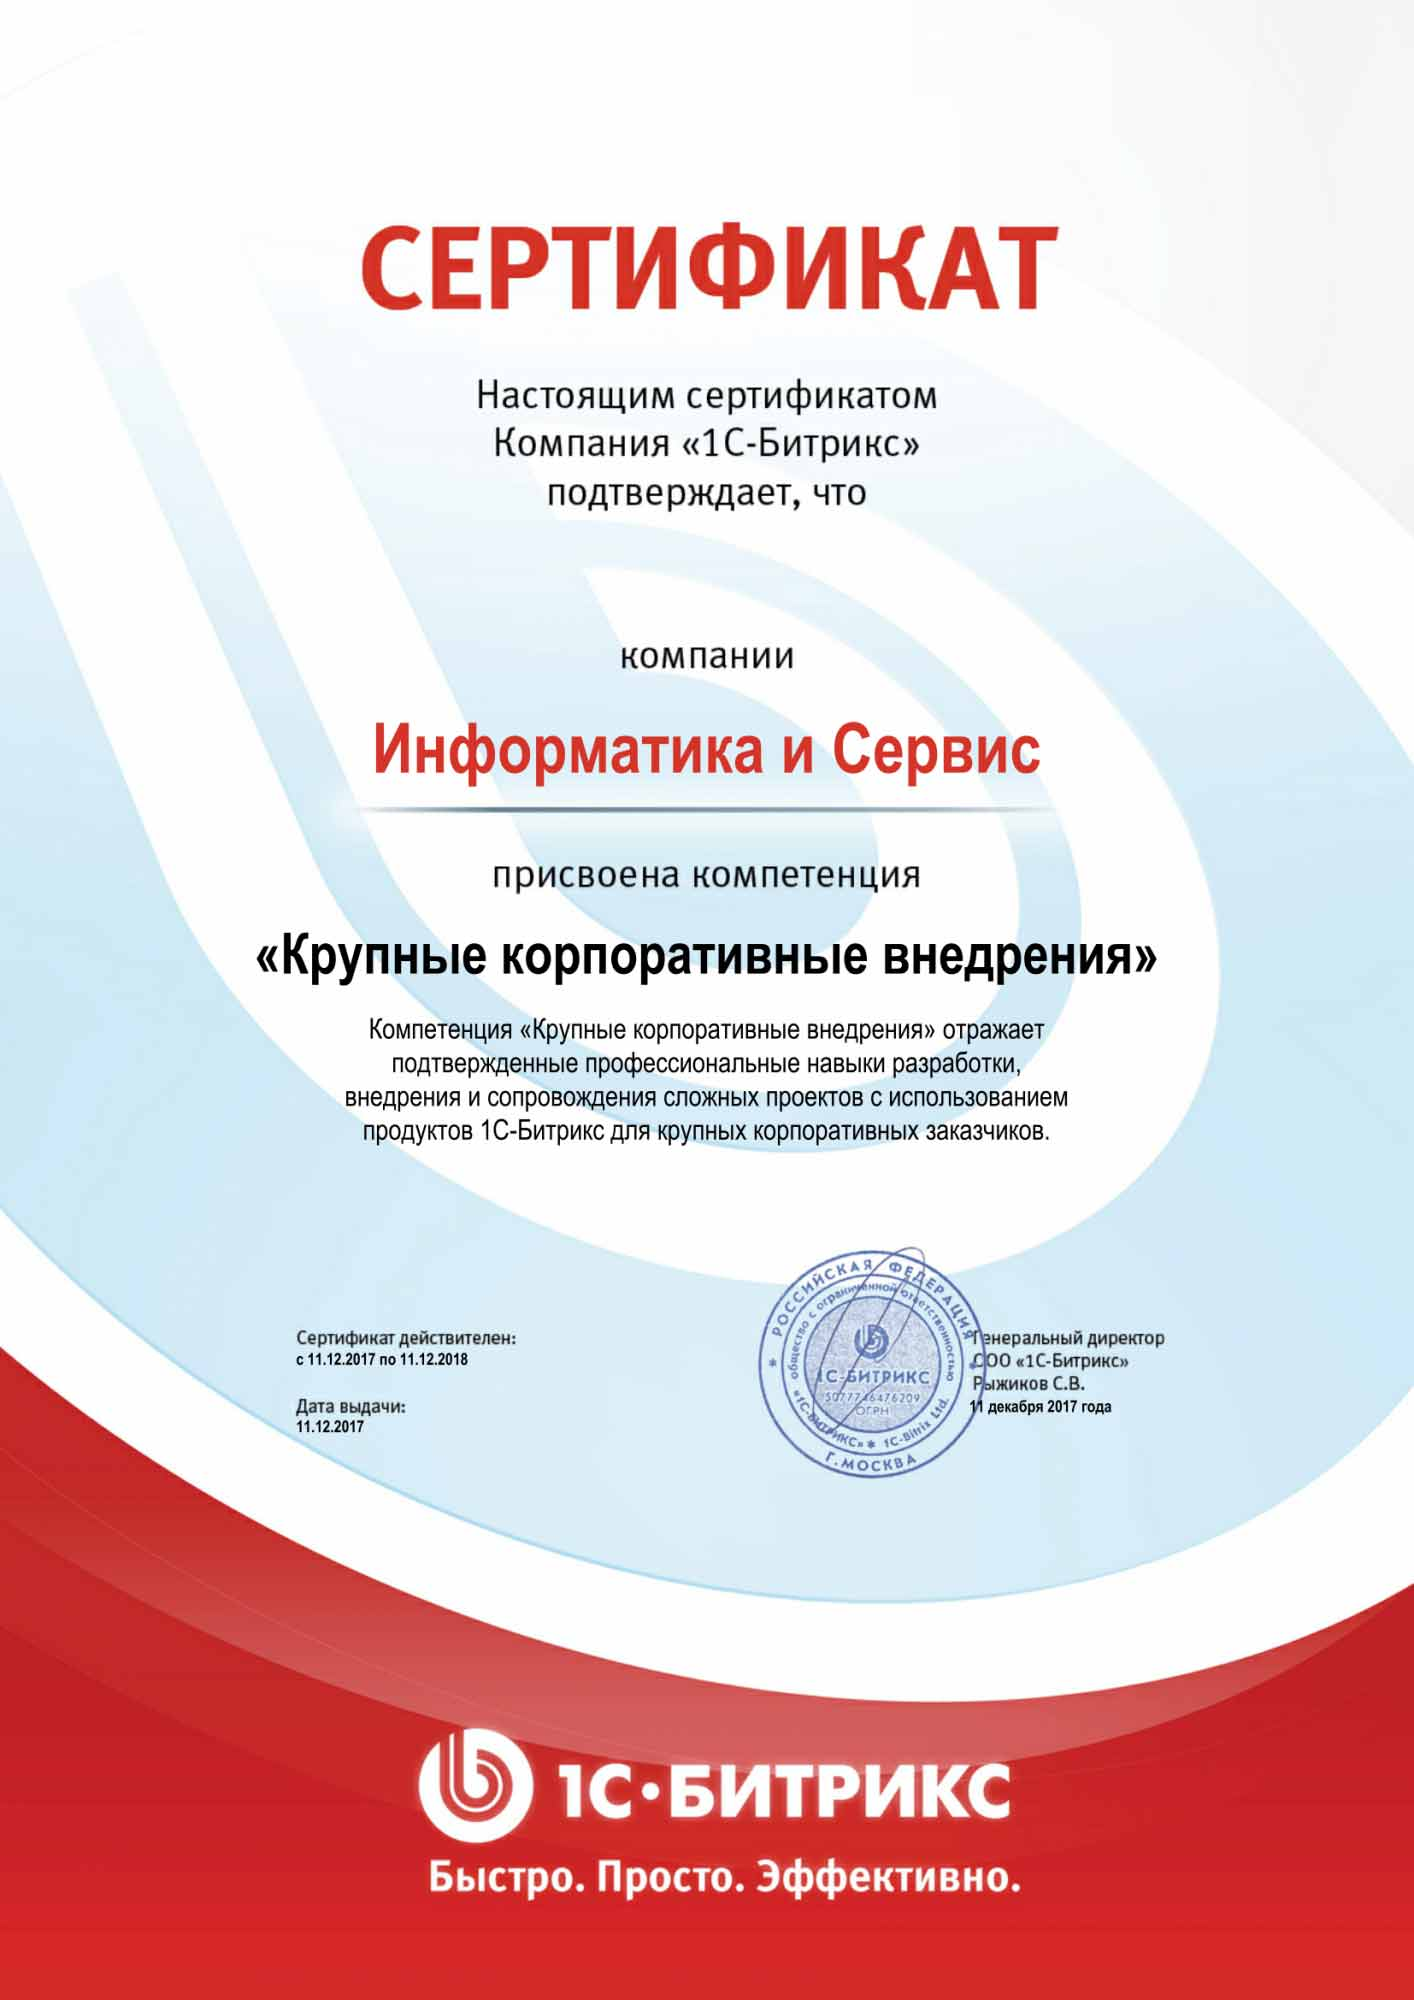 Сертификат «Крупные корпоративные внедрения»